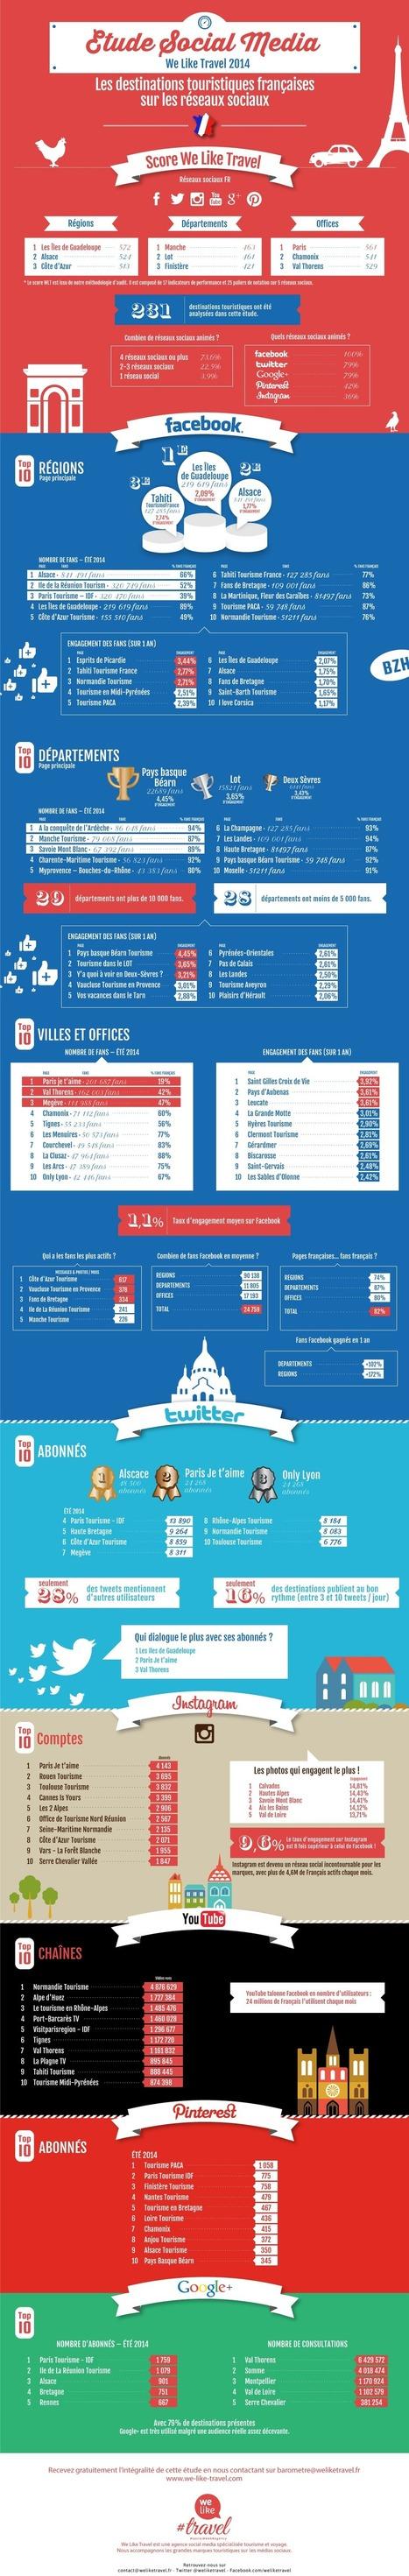 Quelles sont les destinations les plus actives sur les réseaux sociaux en France ? | Marketing Territorial | Scoop.it